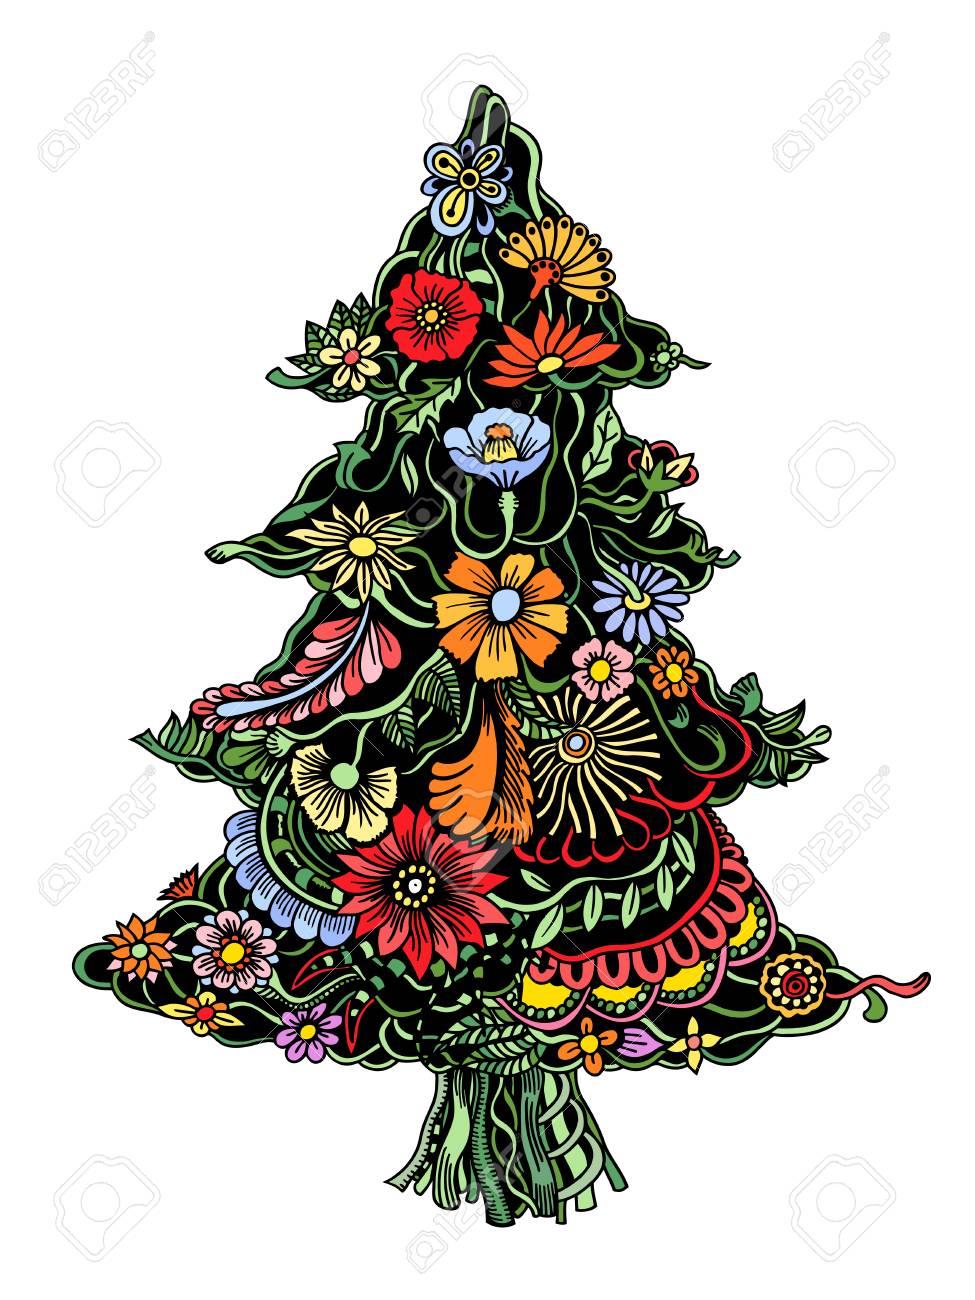 Rbol De Navidad De Hermosas Flores Pintadas. Floral Abeto, Dibujado ...